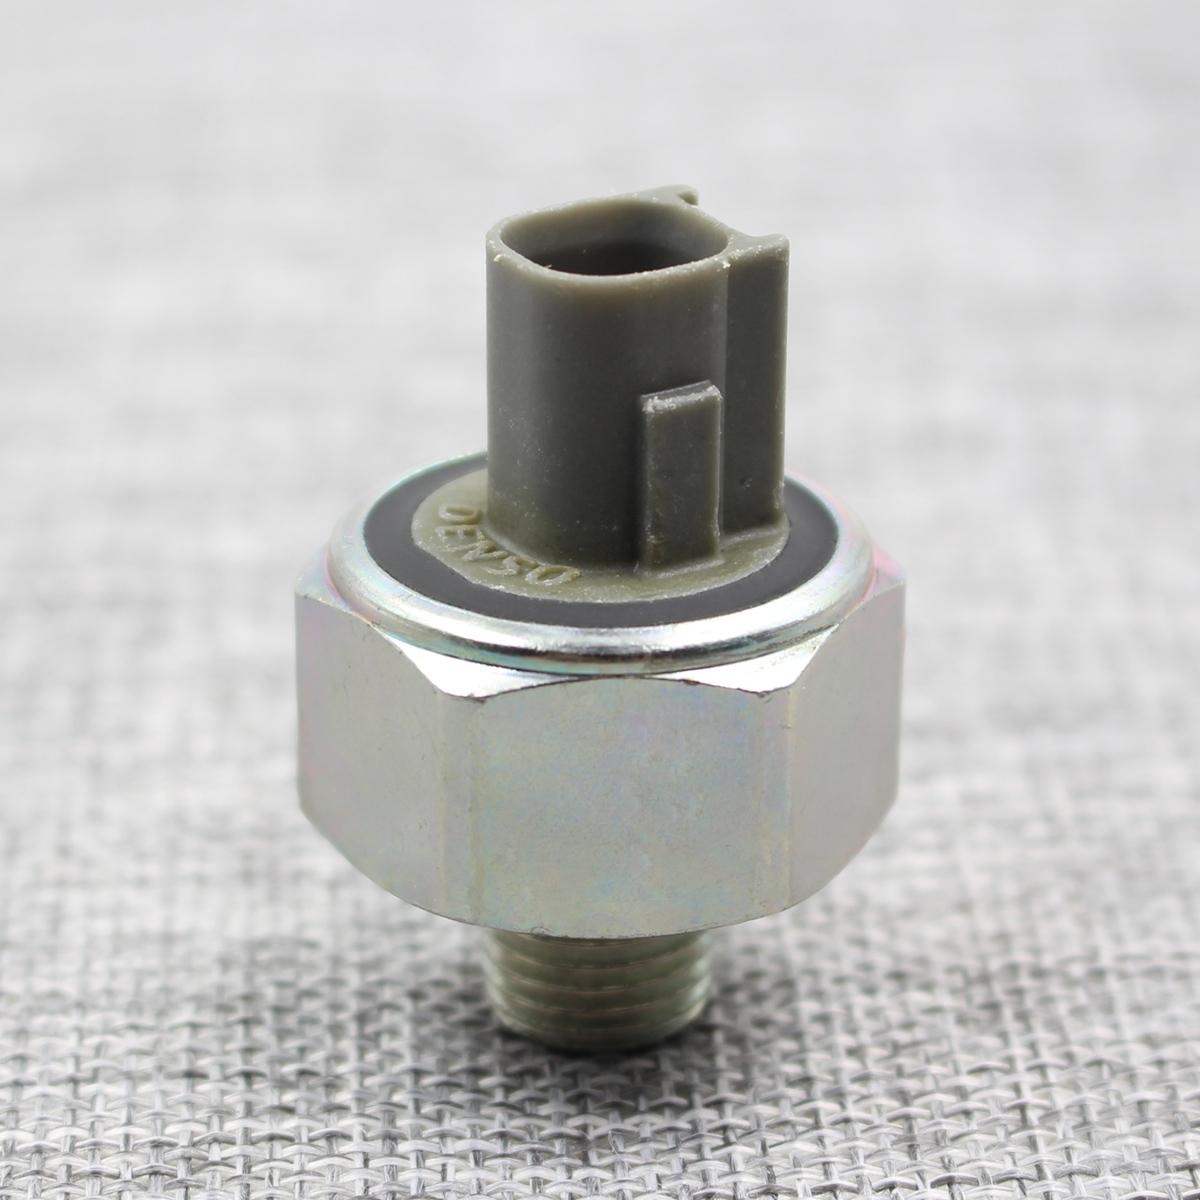 Oem Knock Sensor 89615  Harness For Solara Lexus Gs430 Ls430 Sc430 Rav4